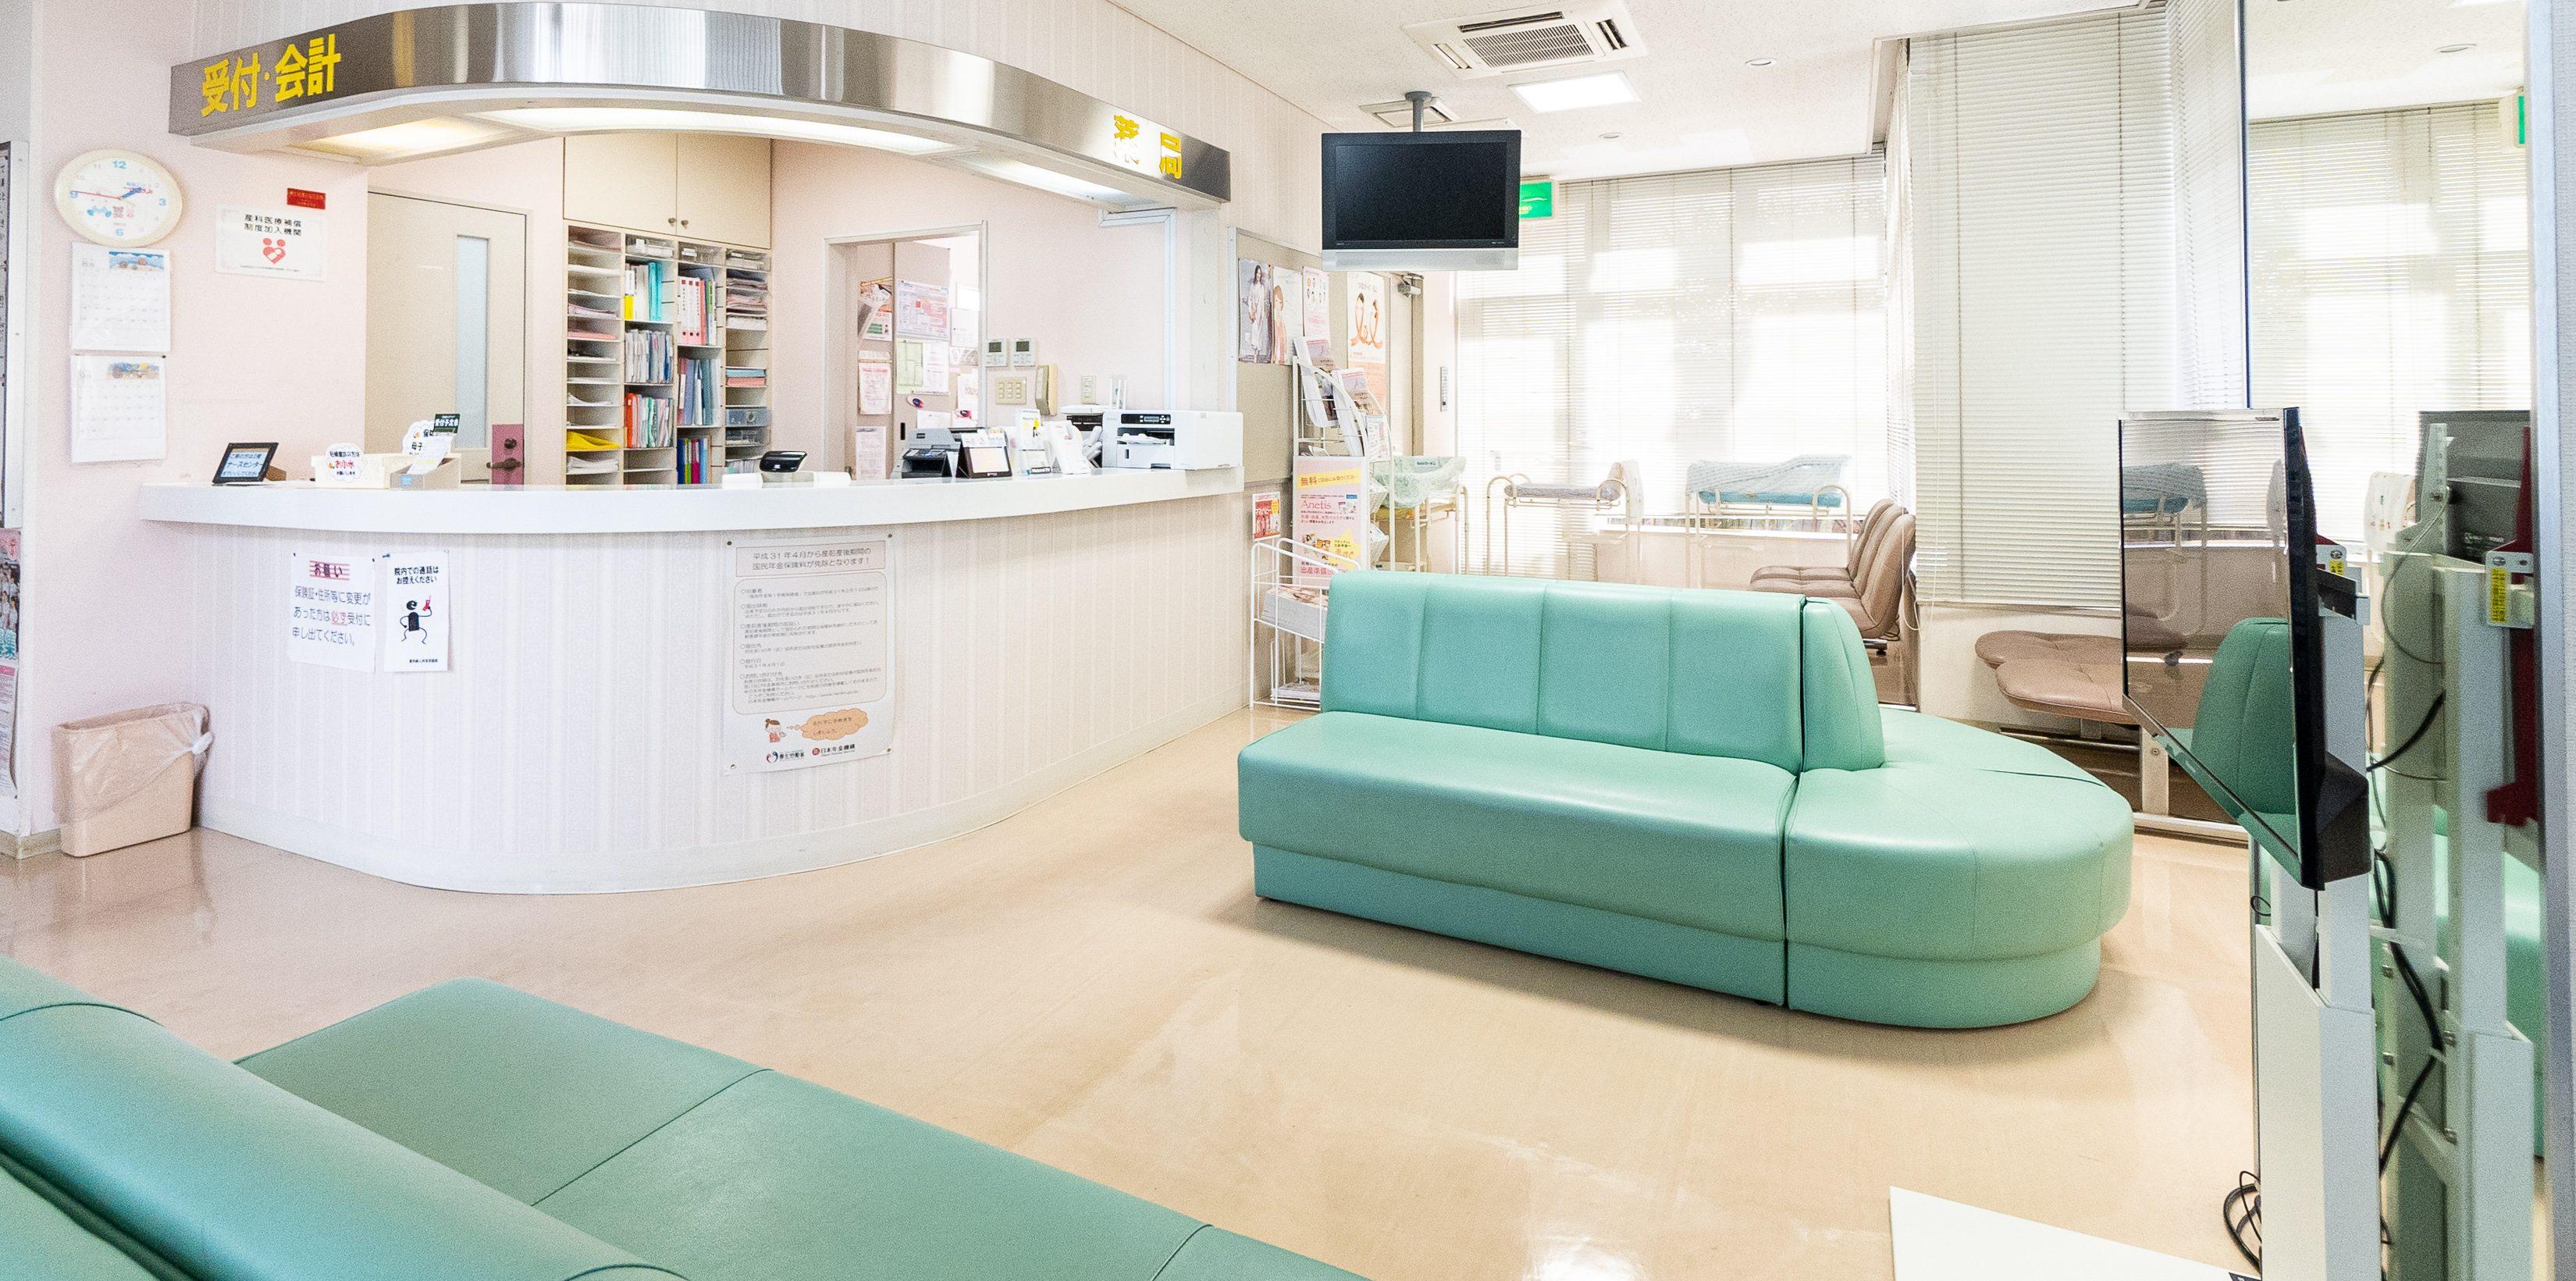 診療科目|盛岡市の産科婦人科吉田医院